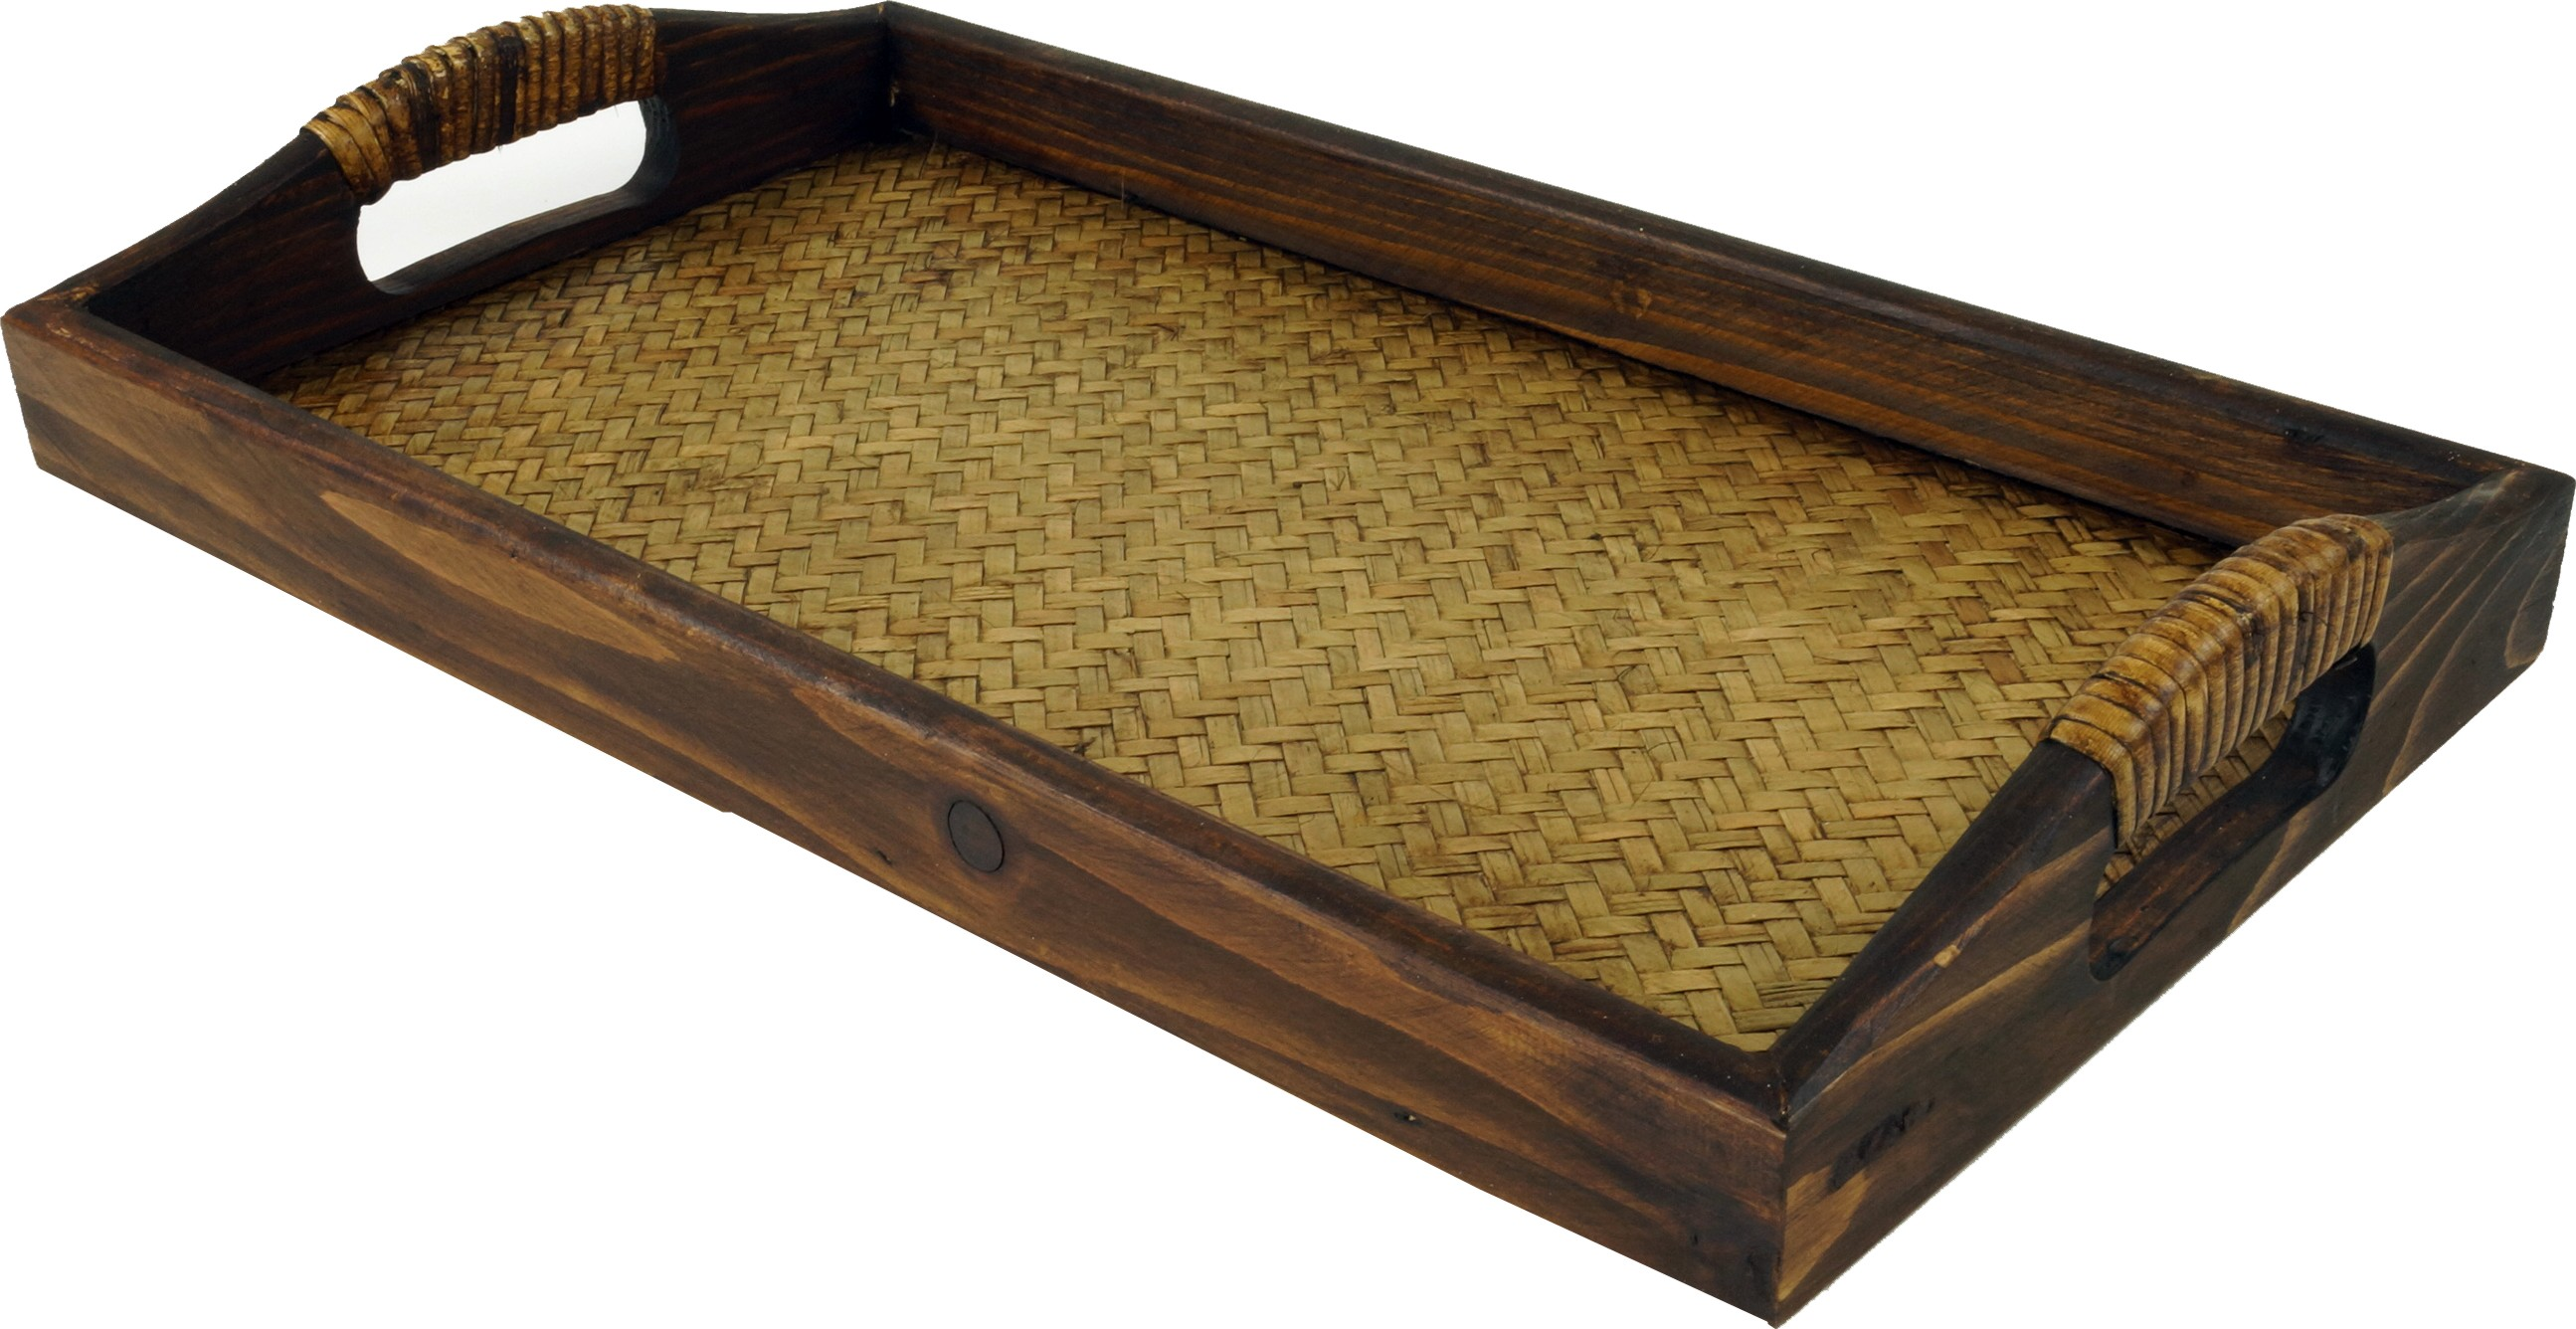 Tablett Holz Rattan Fruhstuckstablett Serviertablett Mit